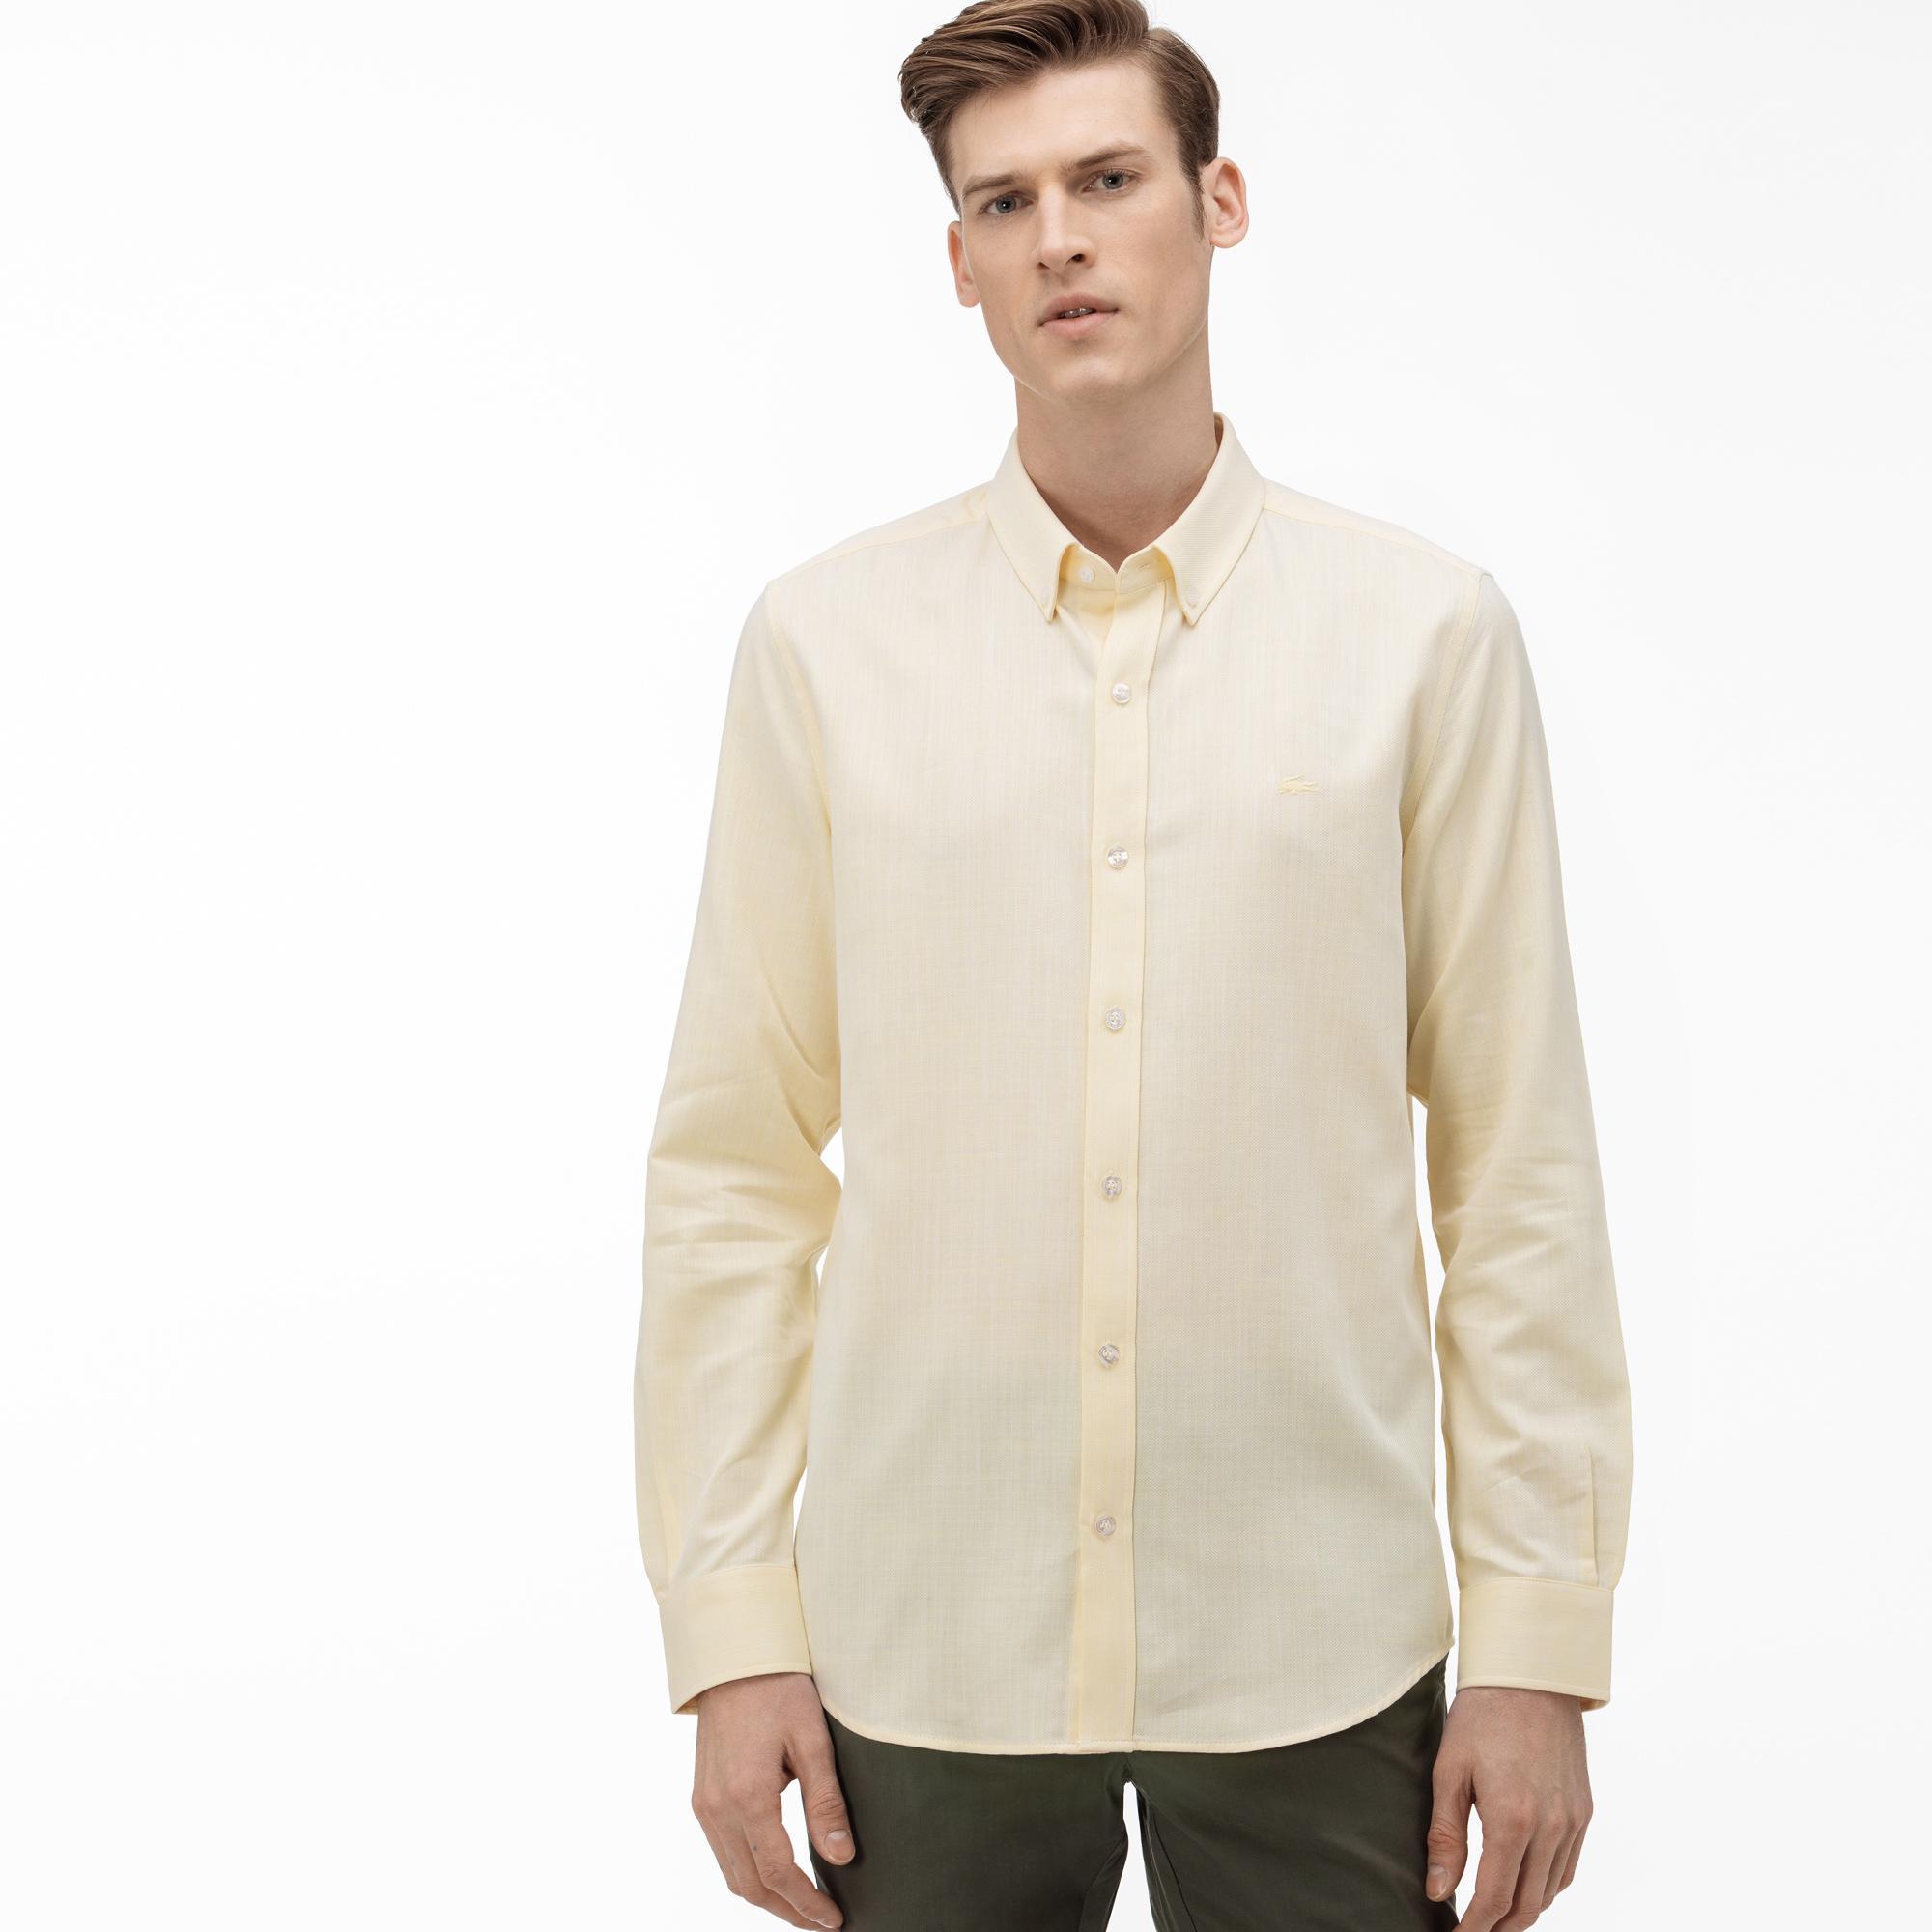 Lacoste Erkek Slim Fit Düğmeli Yaka Açık Sarı Gömlek